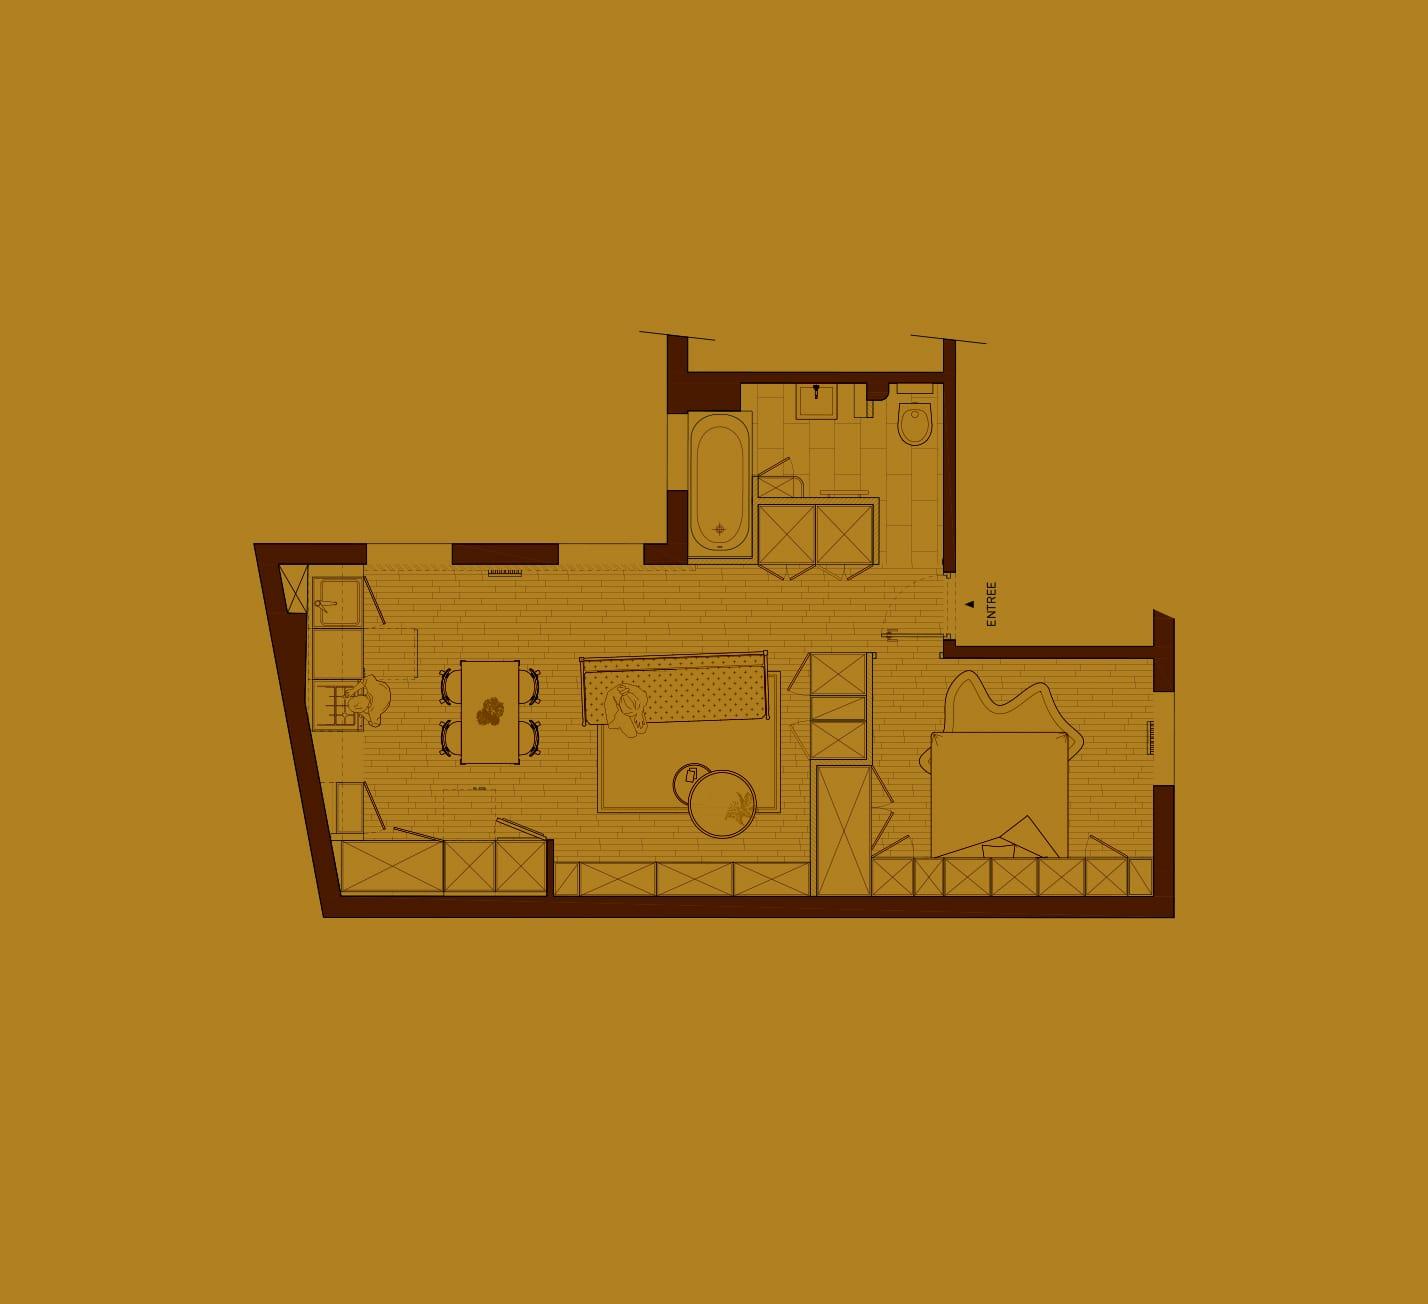 Projet-Cavallotti-Atelier-Steve-Pauline-Borgia-Architecte-Plan-10-min